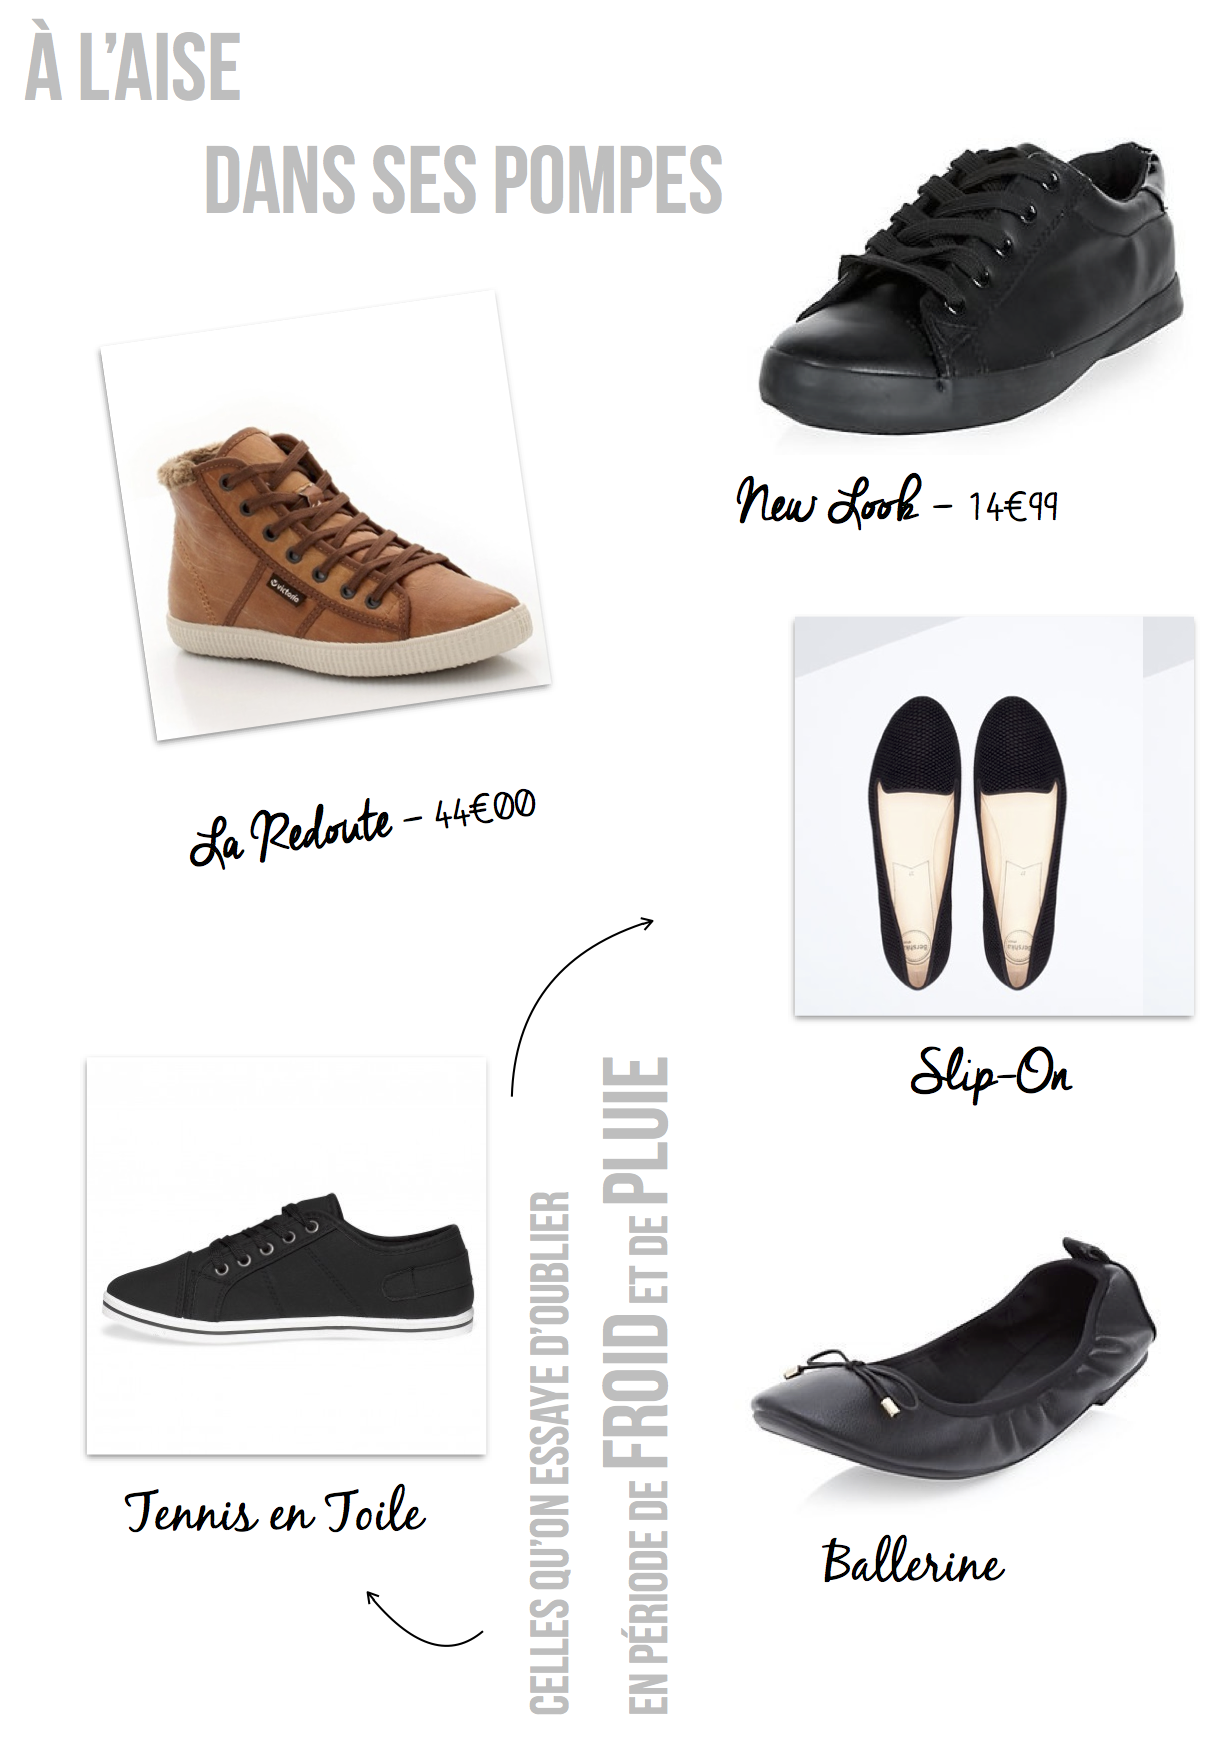 jilbeb chaussures